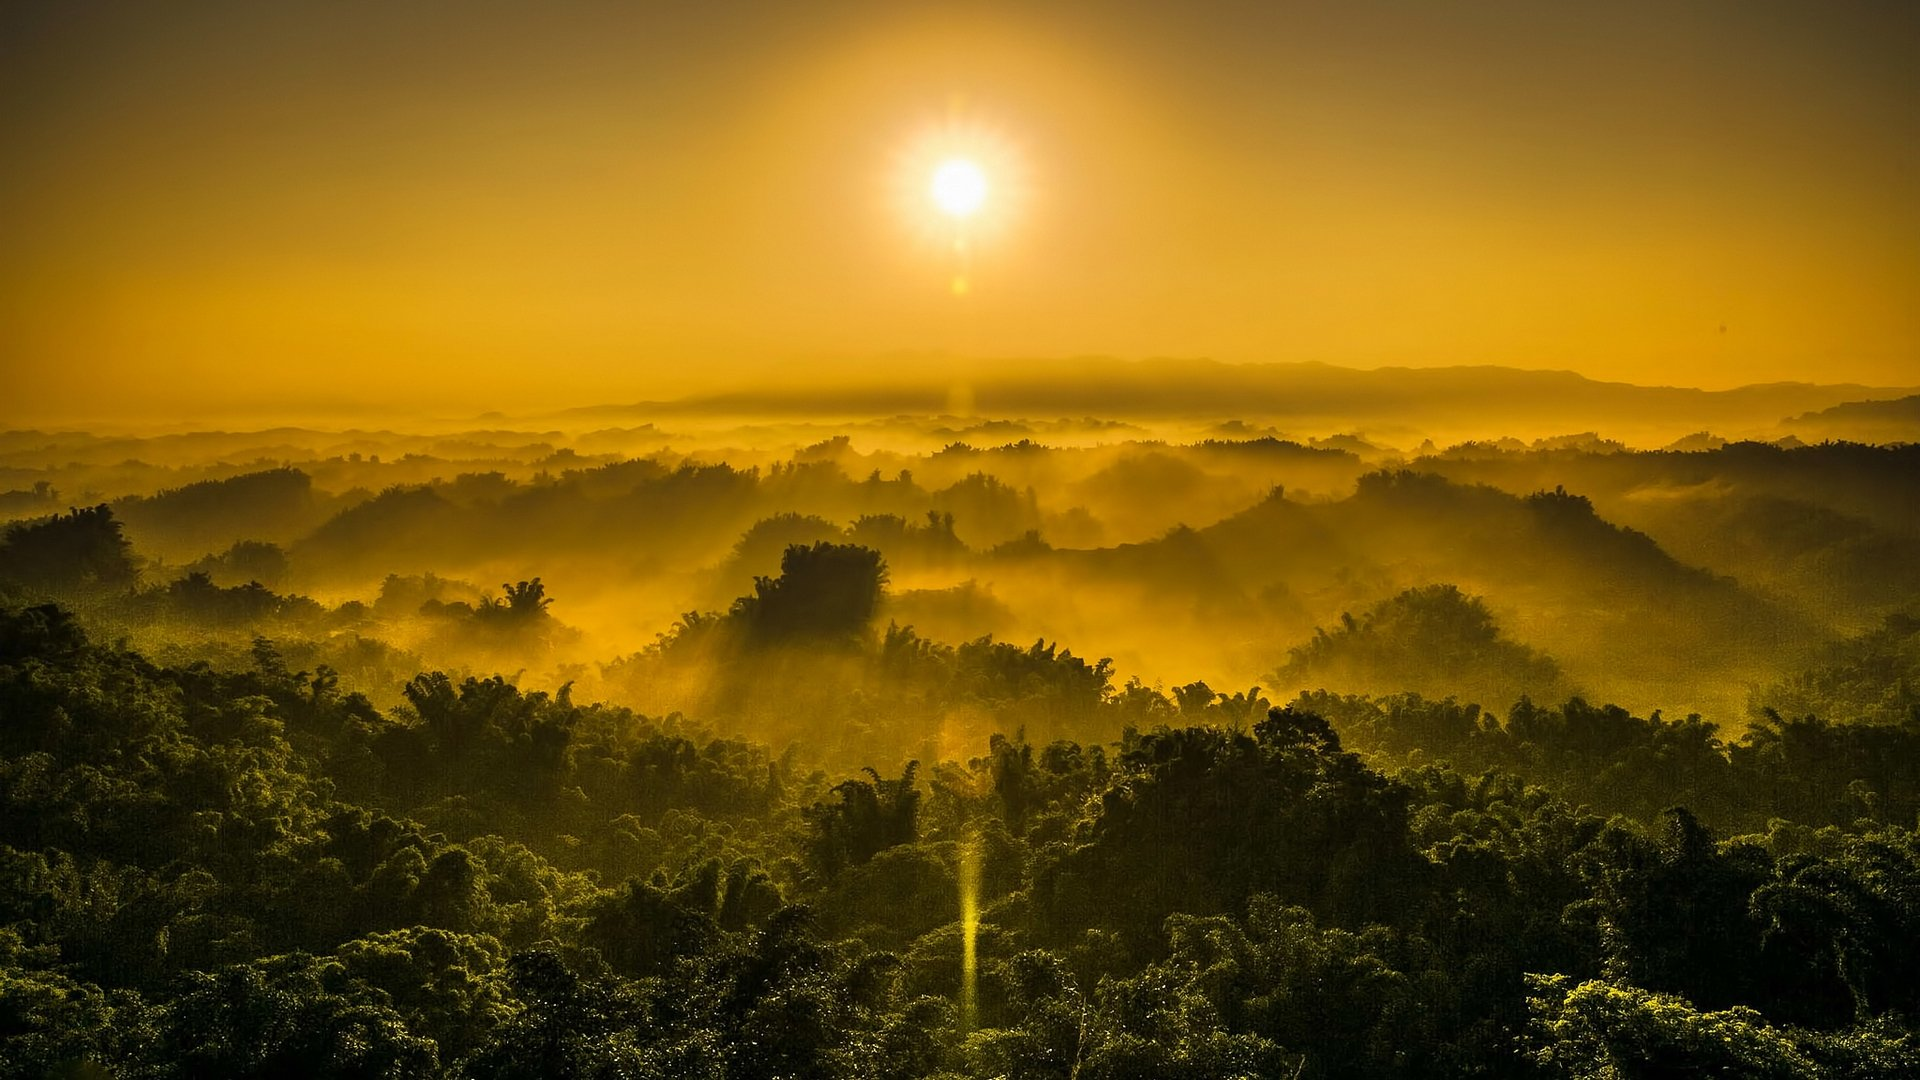 Sunset jungle fog nature wallpaper | 1920x1080 | 441808 ...